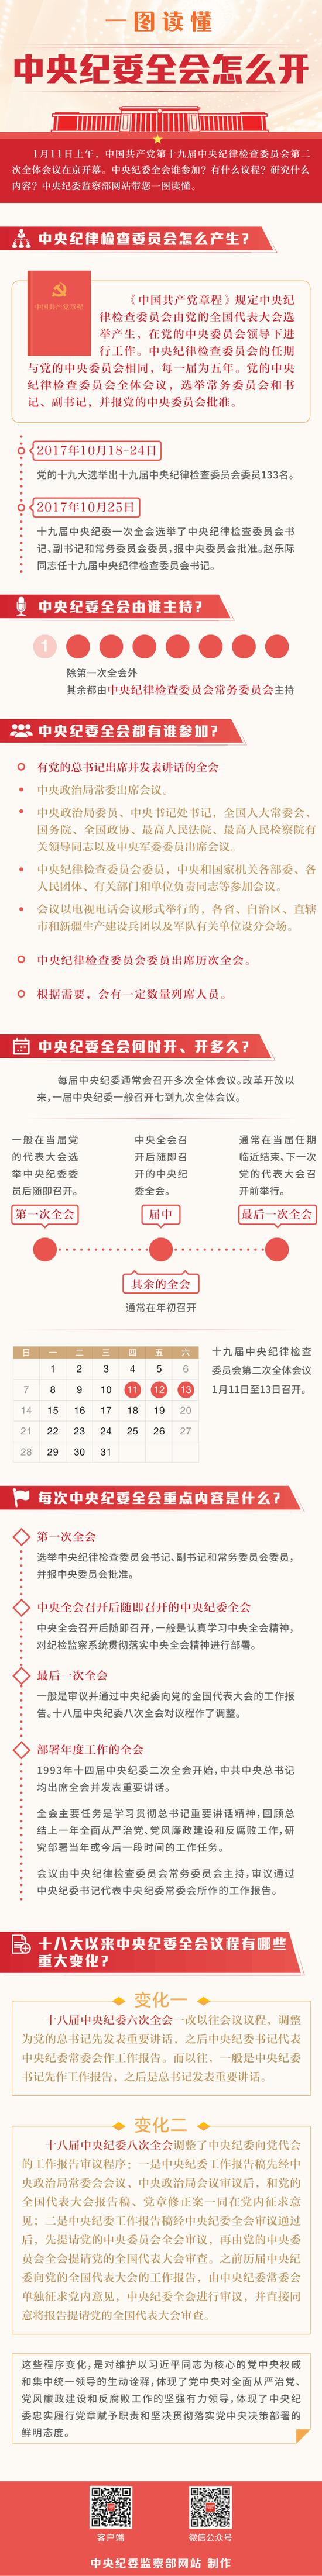 中纪委第二次全体会议在京开幕 一图读懂怎么开